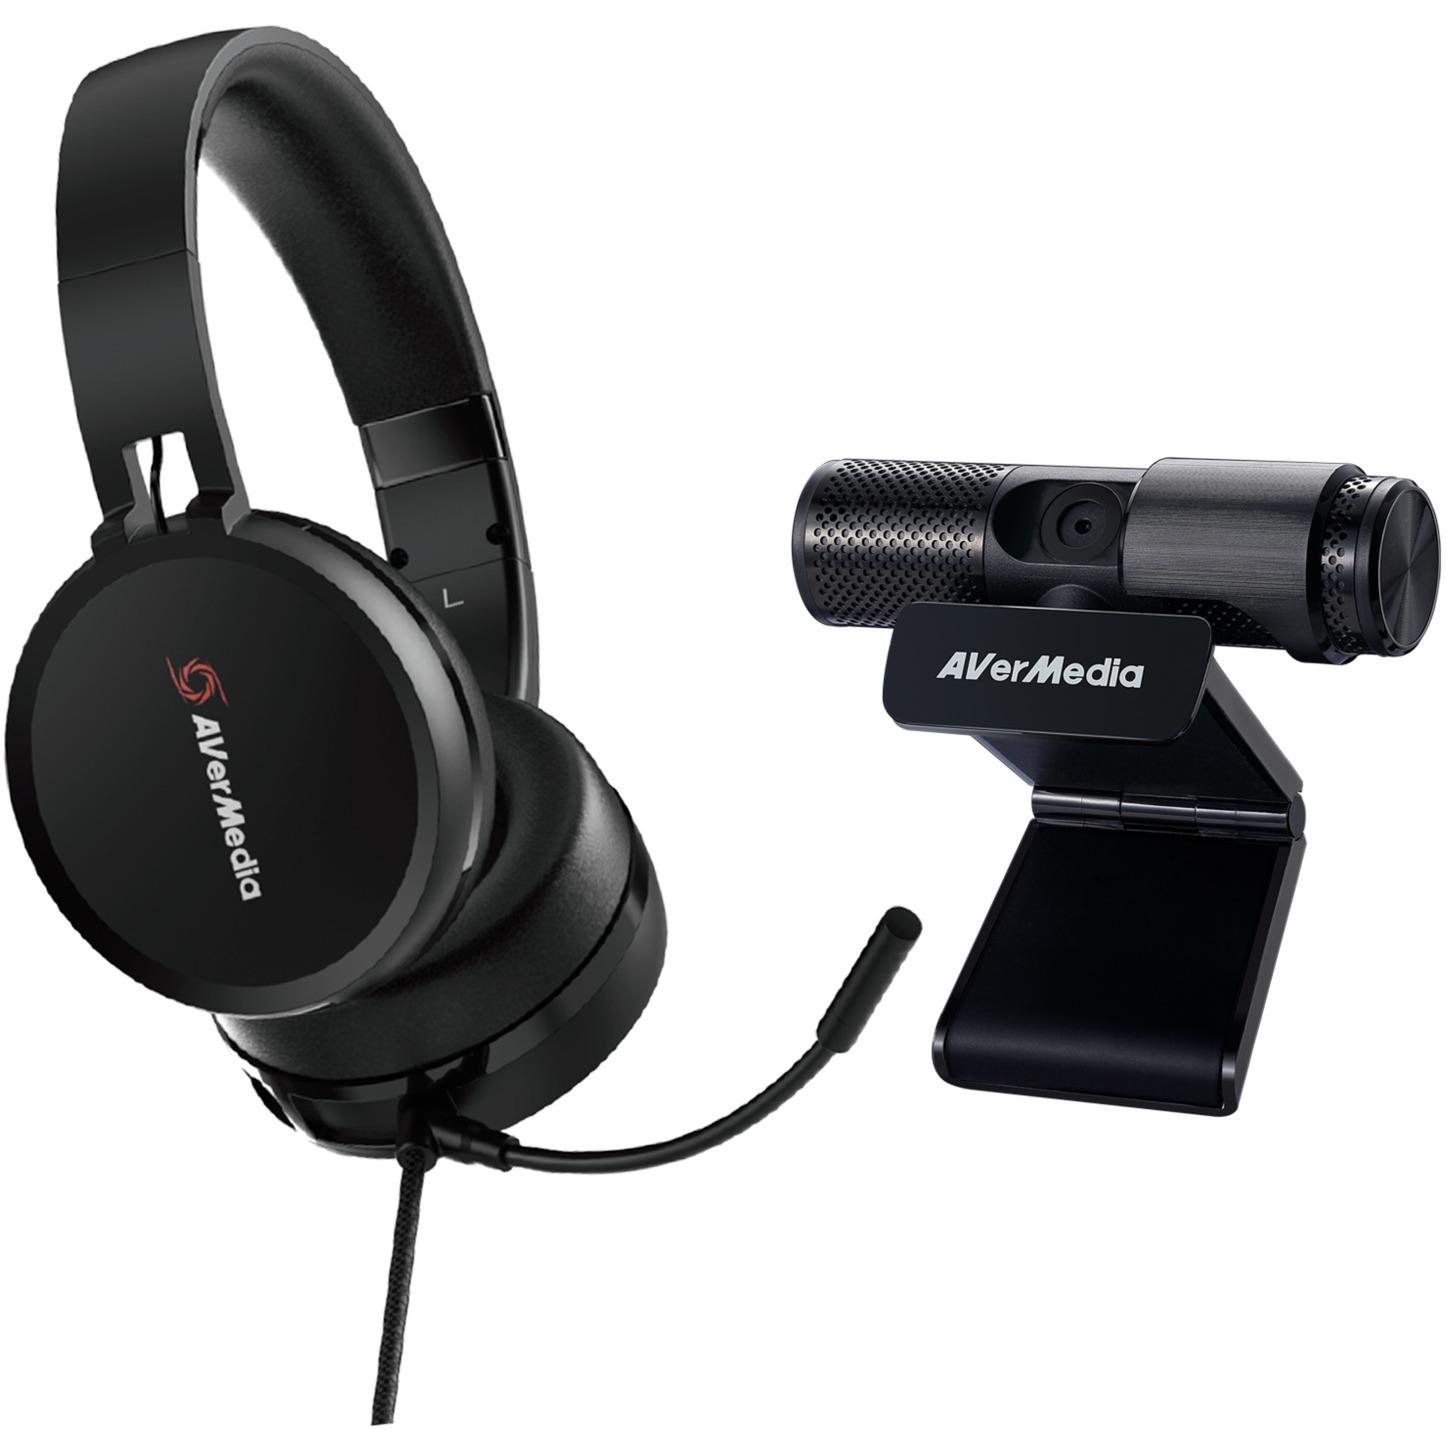 Image of Videokonferenz-Kit 317 (Webcam + Headset)